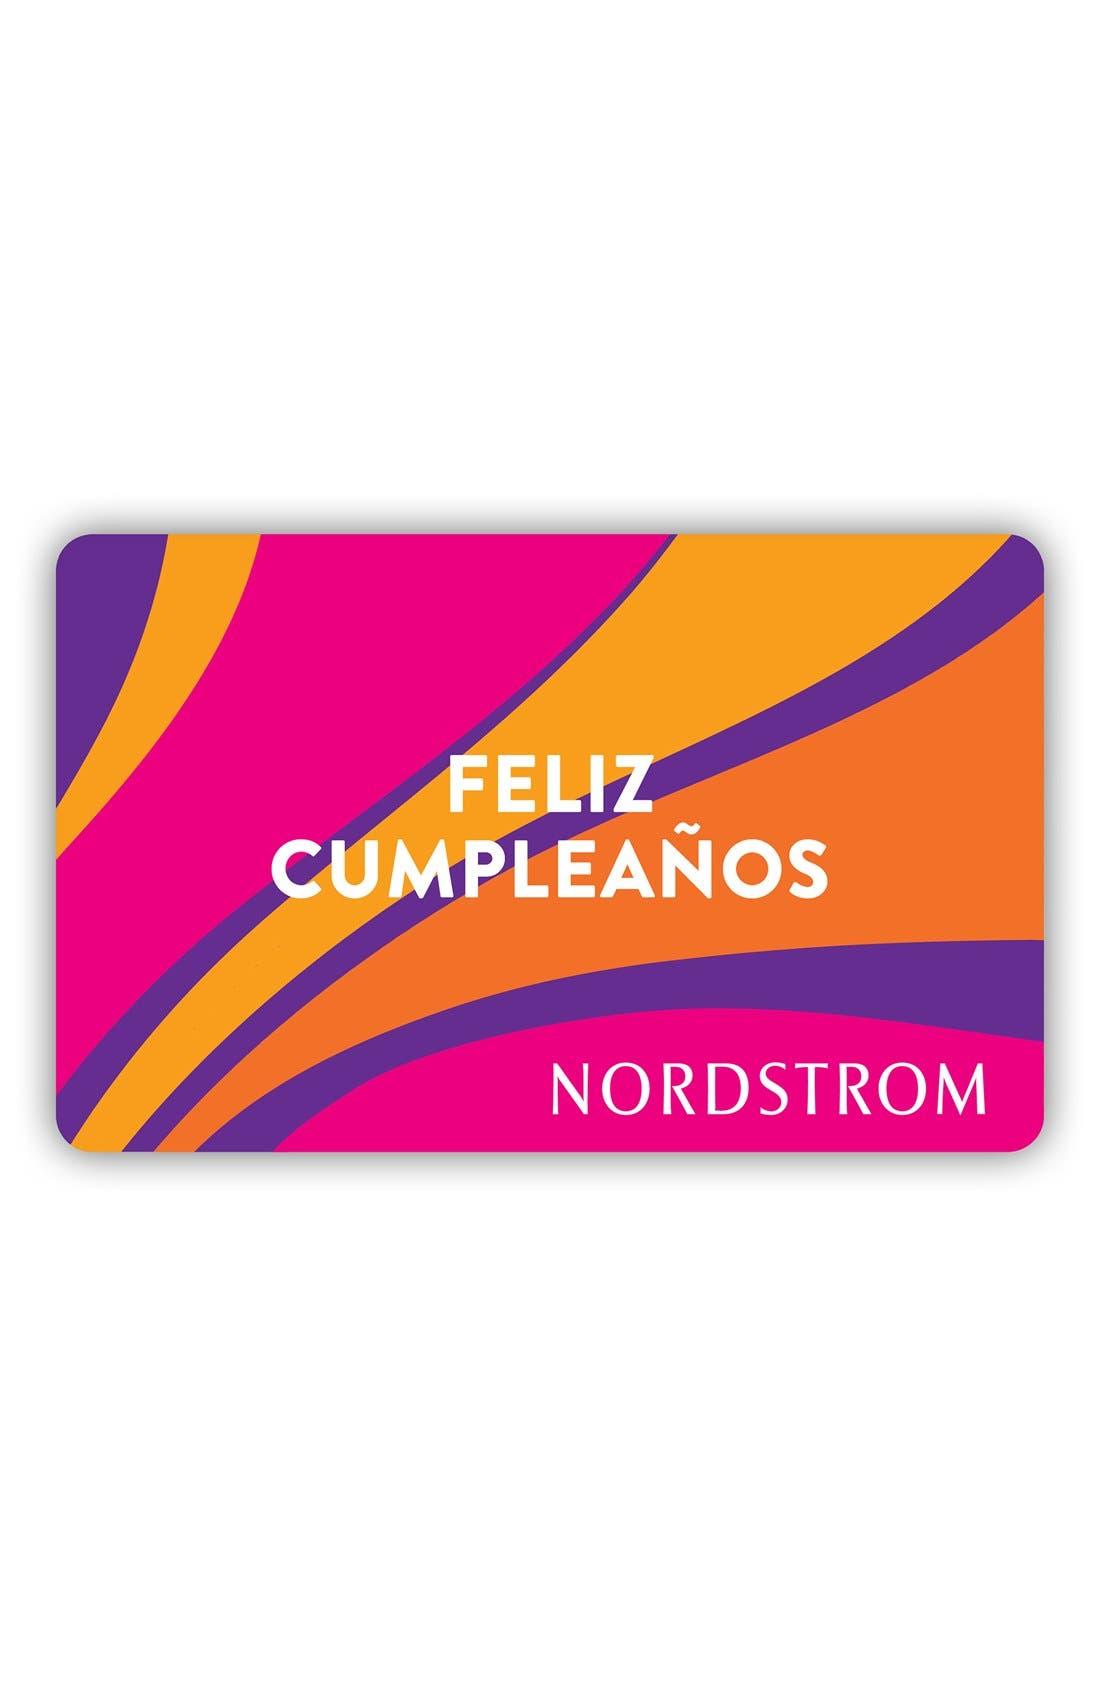 Nordstrom gift certificate nordstrom xflitez Gallery